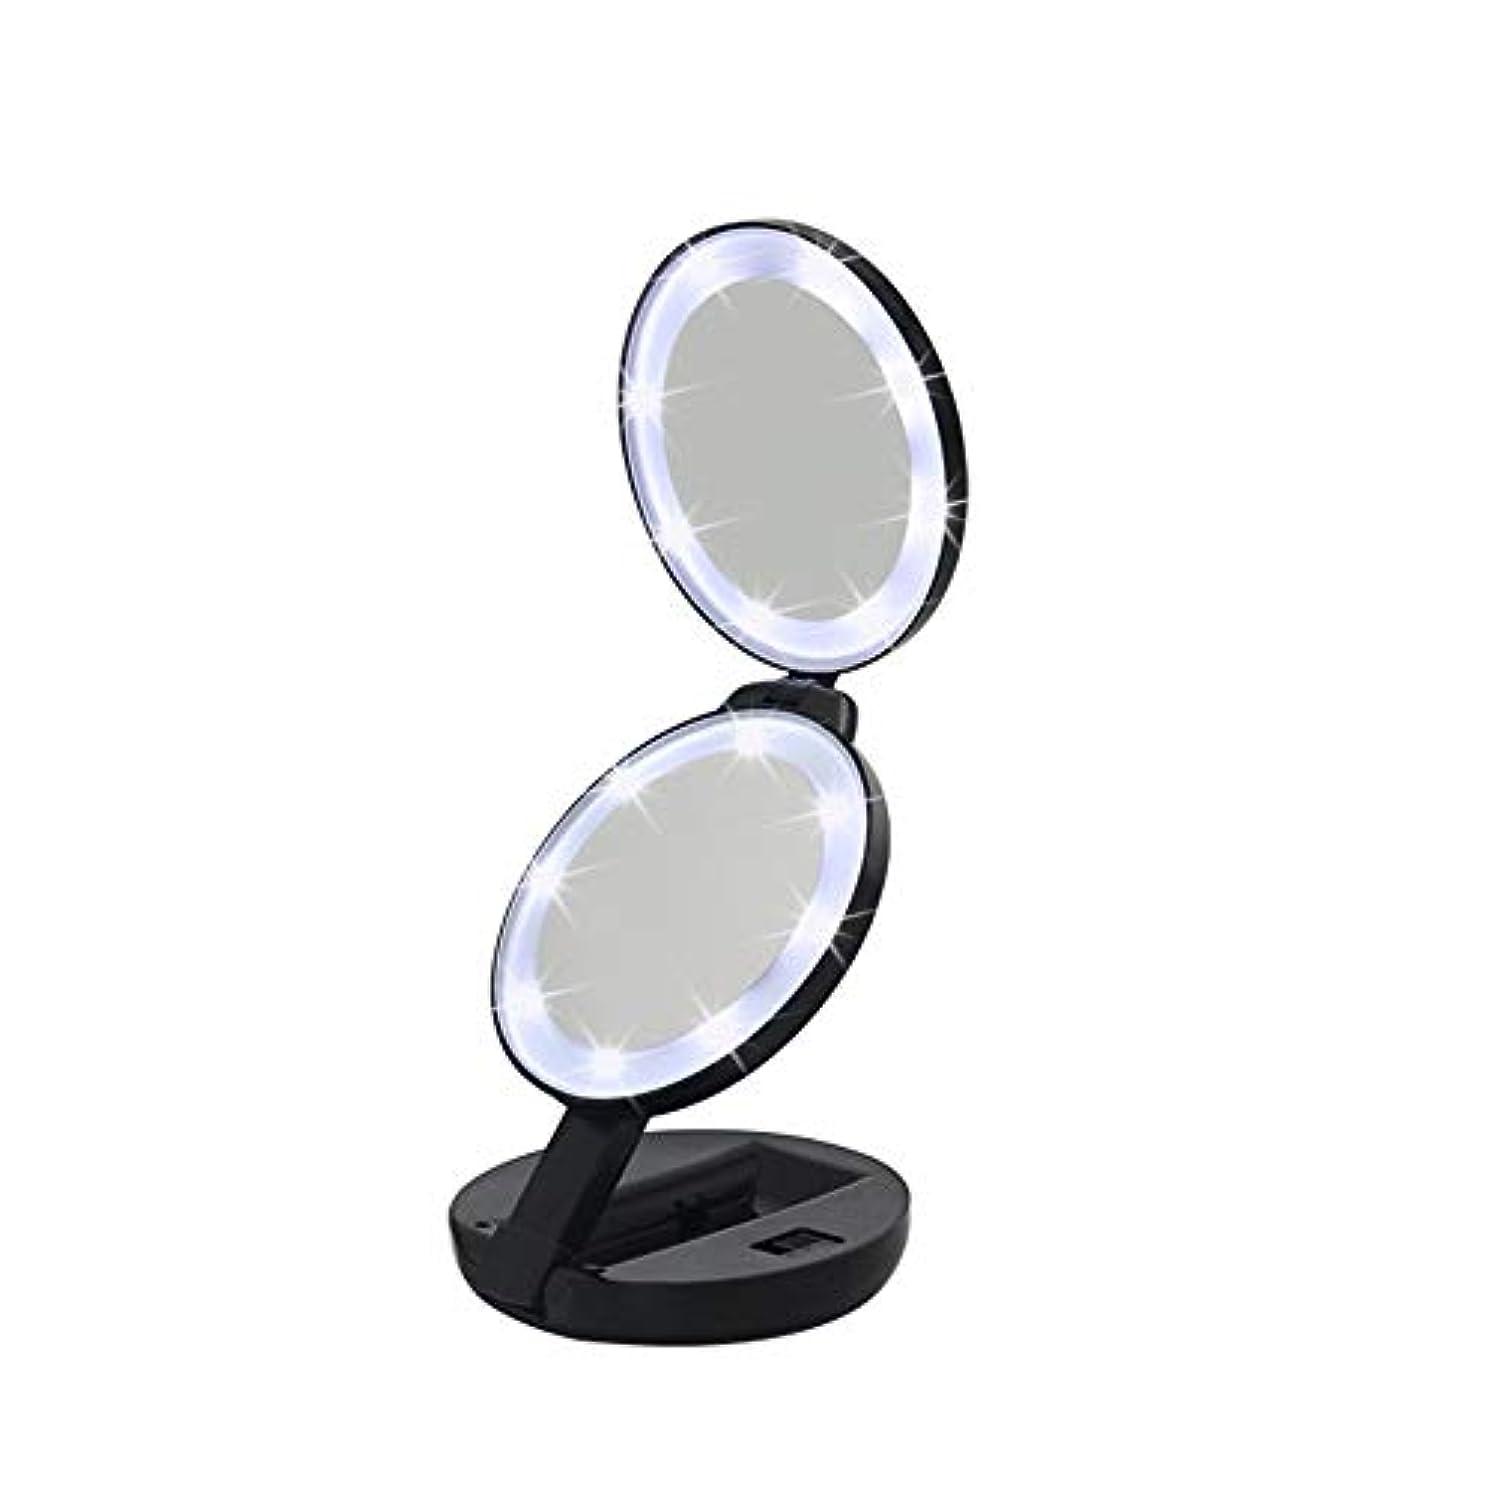 比類なきかび臭いスリチンモイ流行の 新しいラウンド三つ折りLEDフィルライト化粧鏡ABS素材虫眼鏡ハンドヘルド美容ミラーブラック